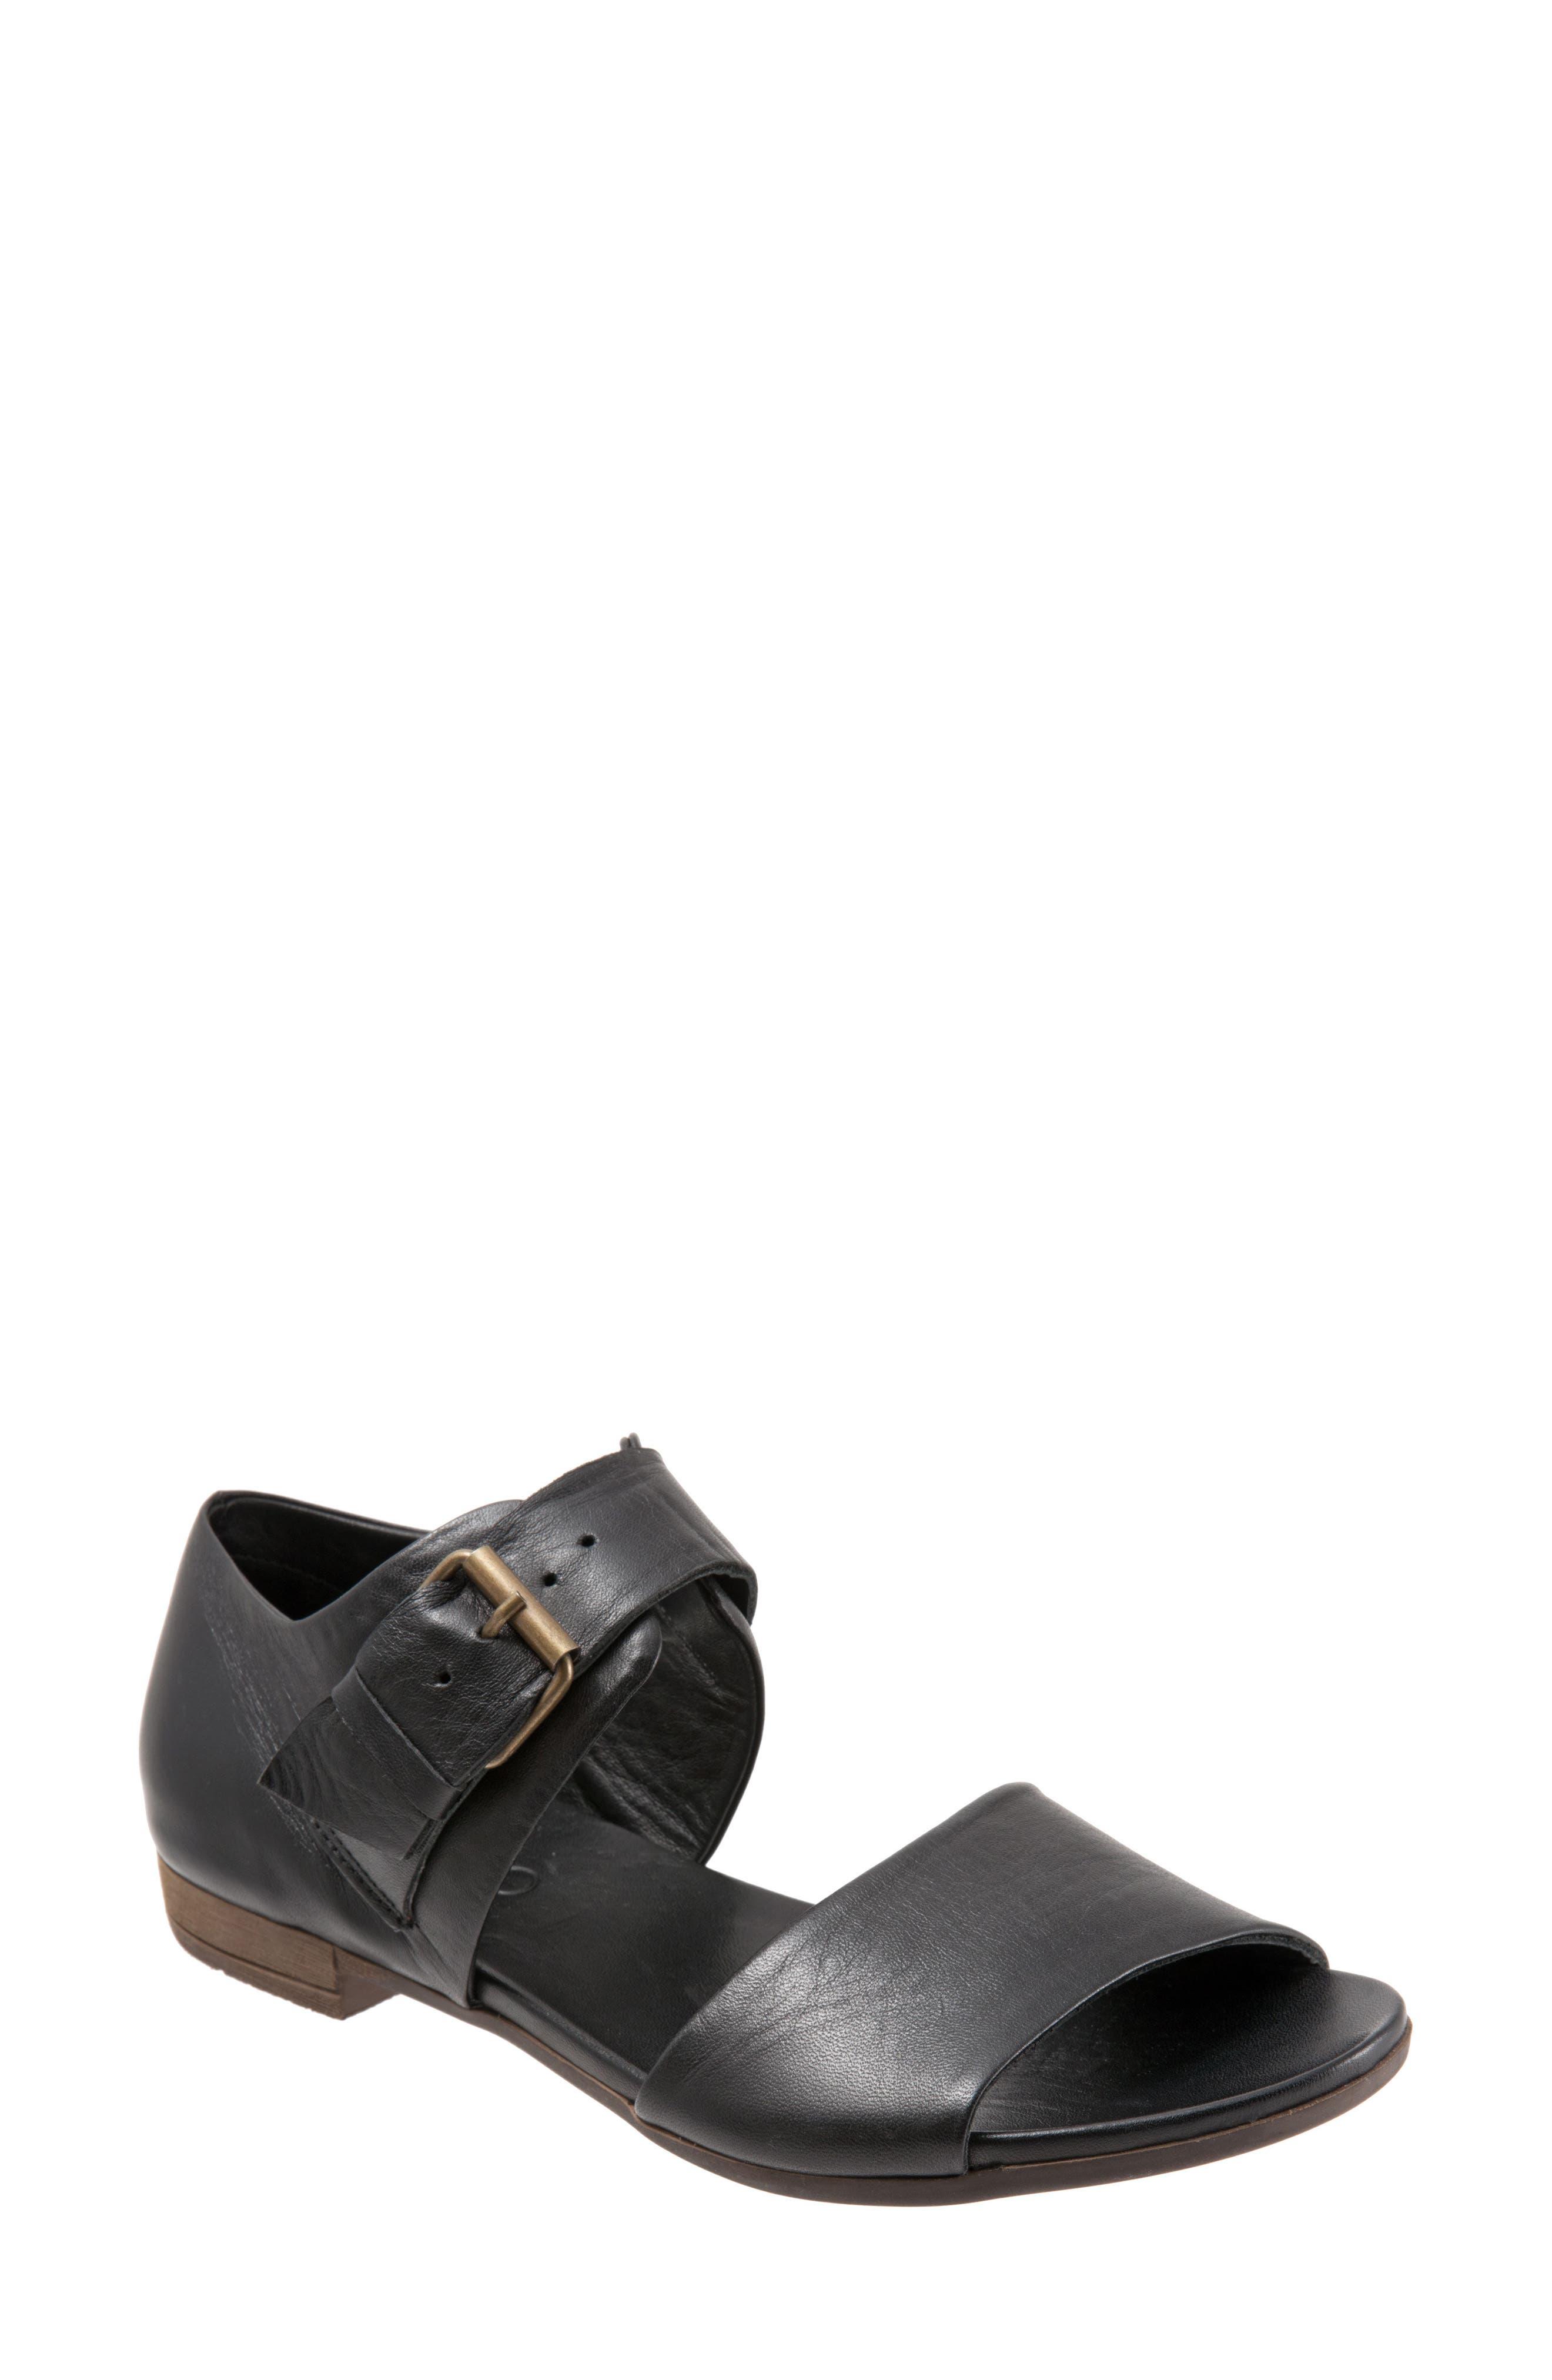 Talia Sandal,                         Main,                         color, BLACK LEATHER